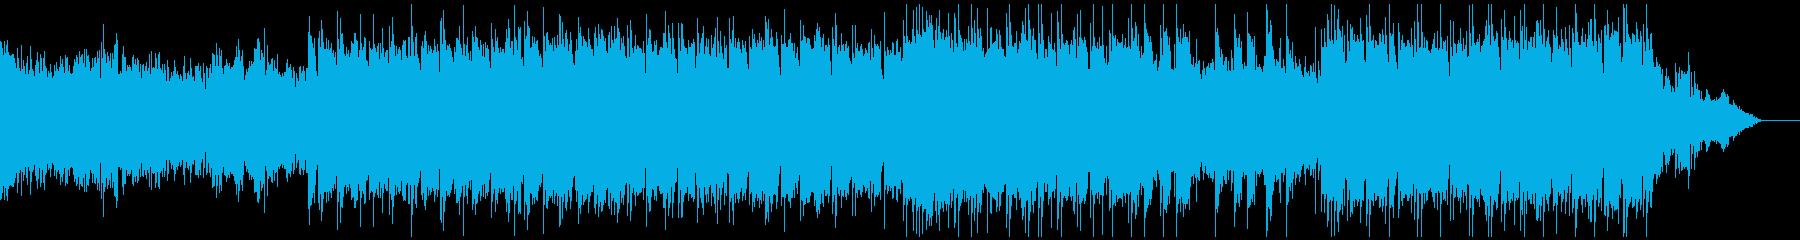 ホラーが起こる前後の不気味な雰囲気の曲の再生済みの波形